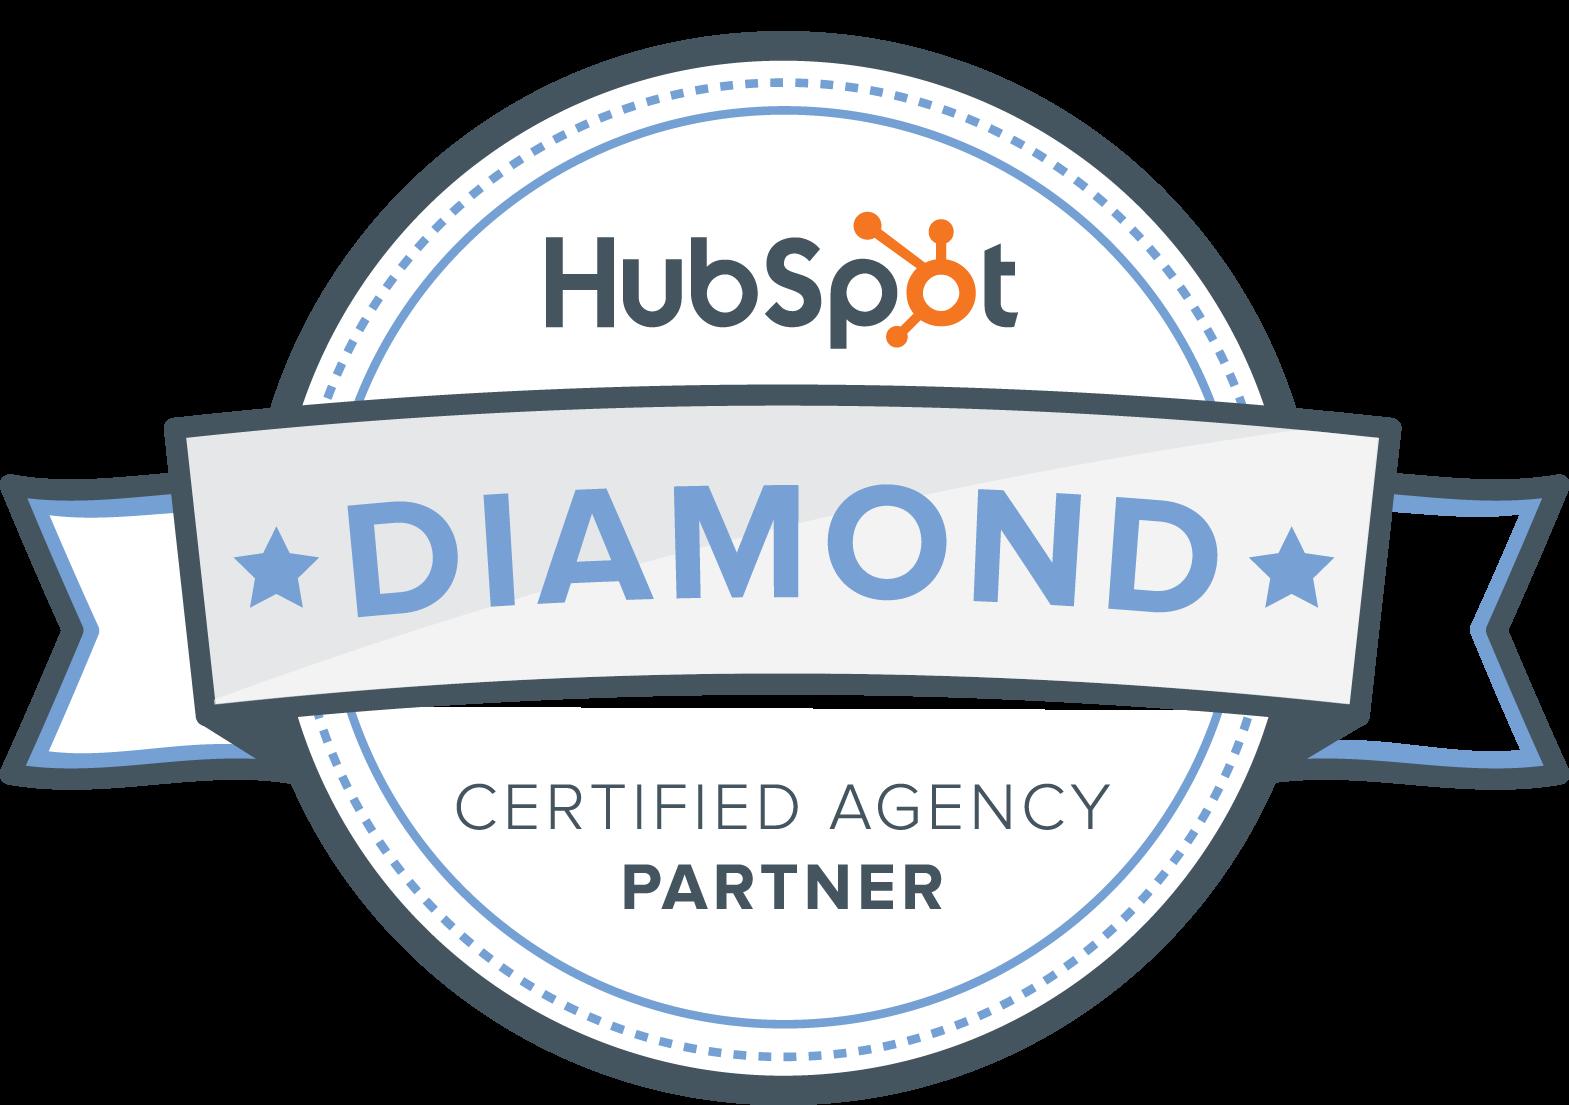 Diamond HubSpot Partner UK